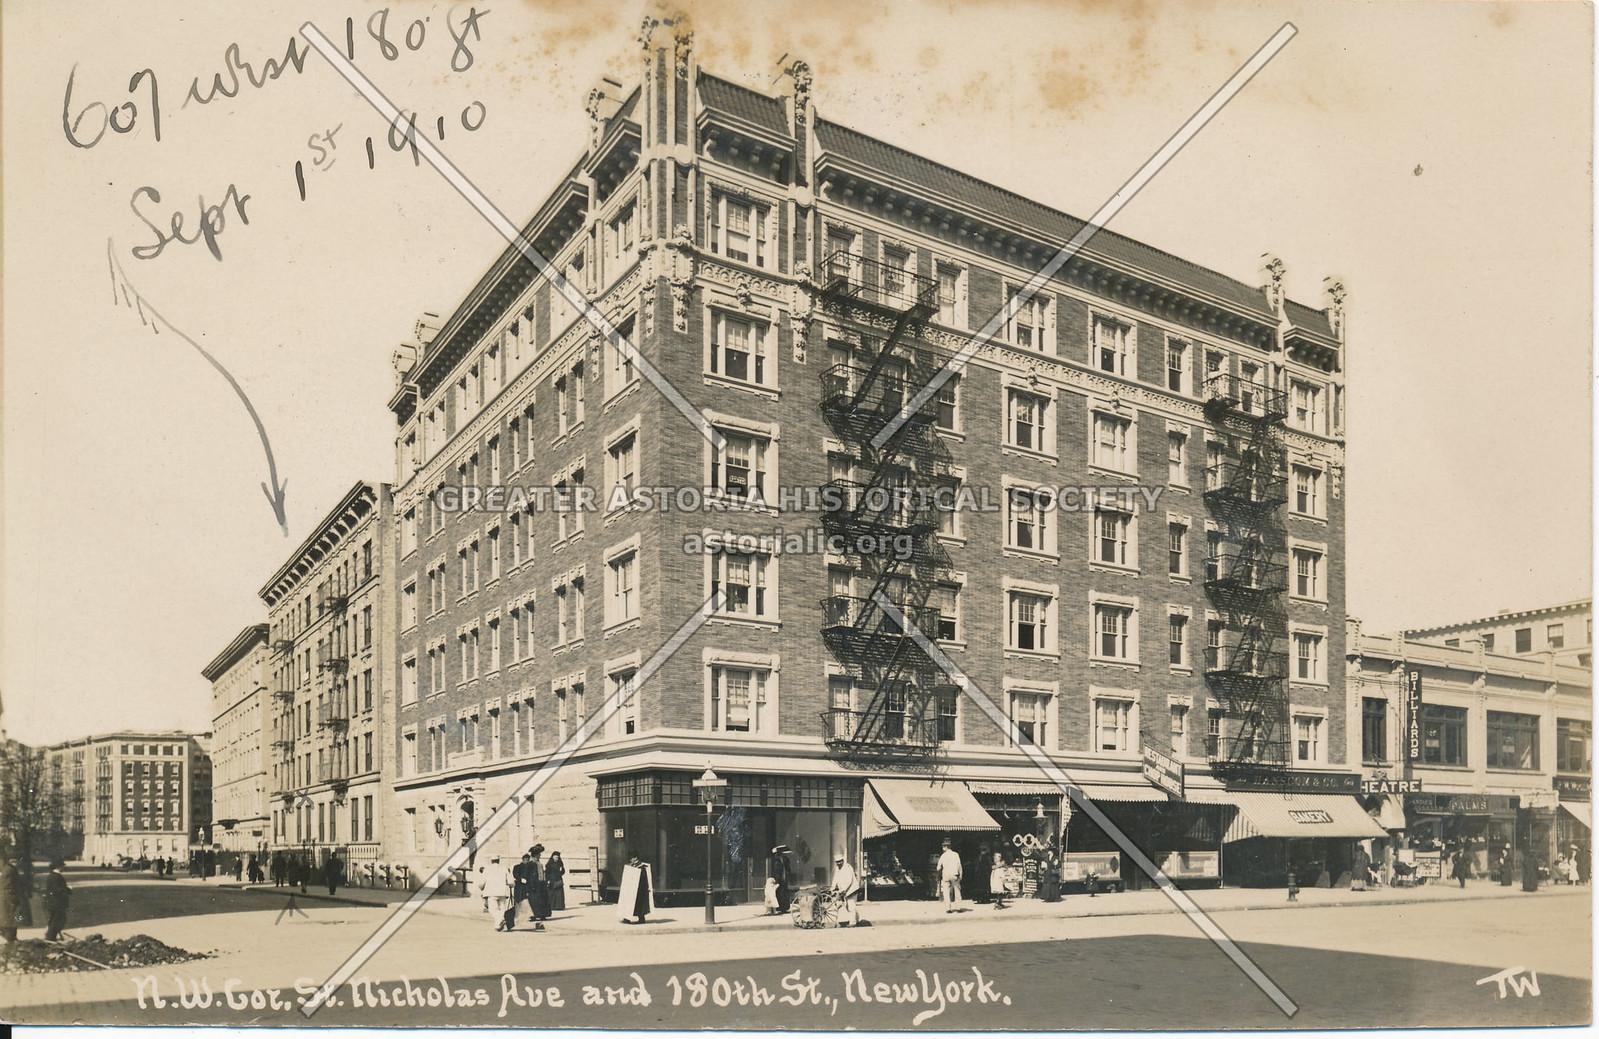 N.W. Cor., St. Nicholas Ave & 180th St., N.Y.